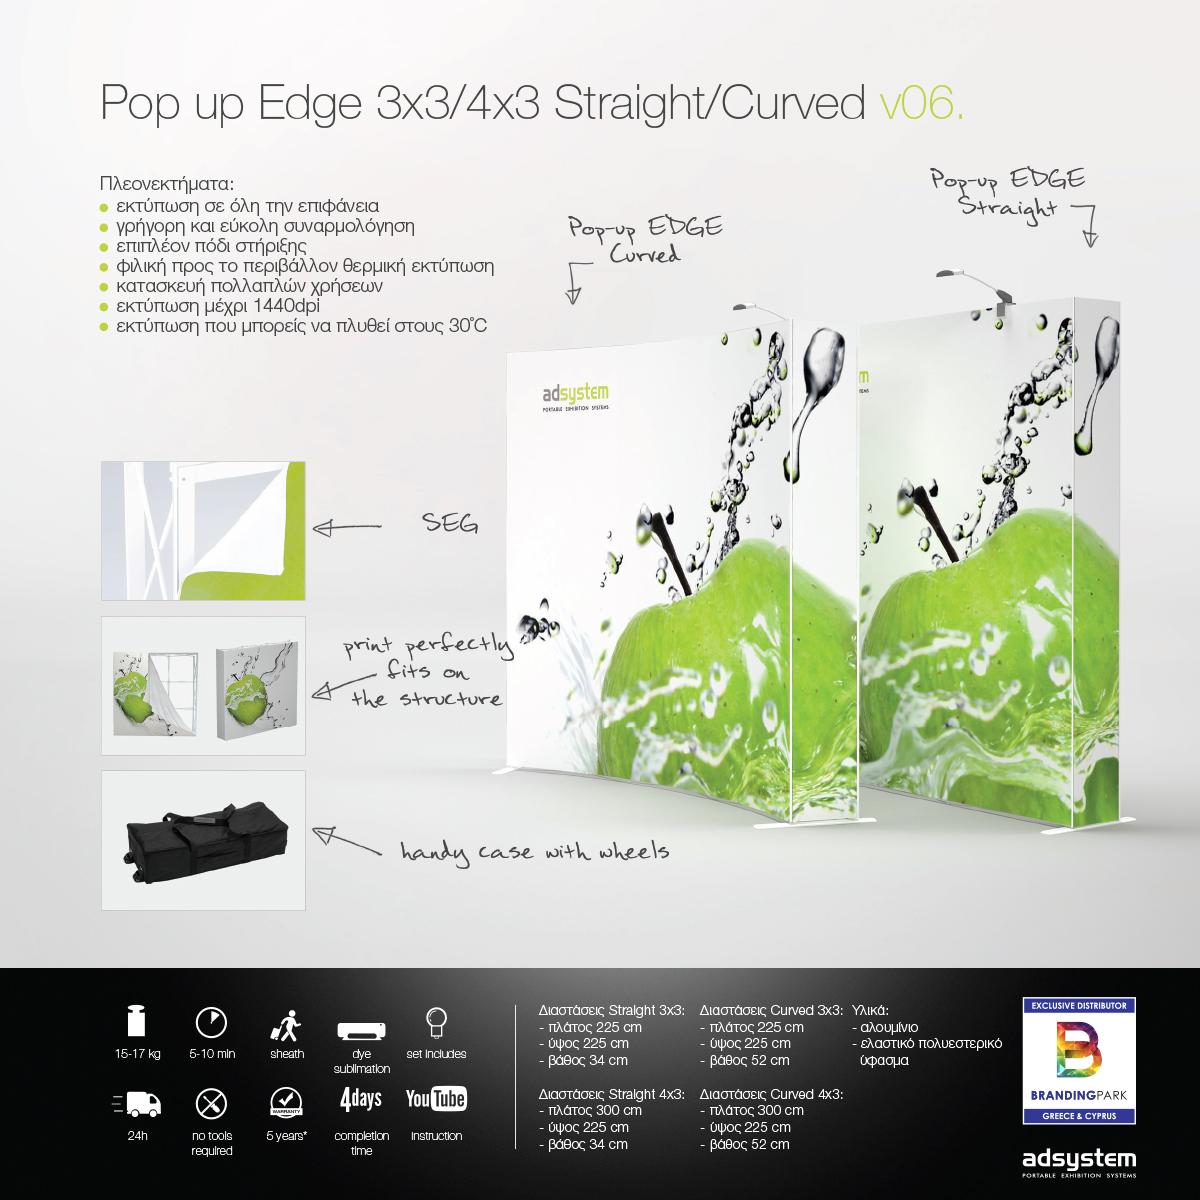 Υφασμάτινος τοίχος προβολής Pop up Edge 3x3/4x3 Straight/Curved v06.